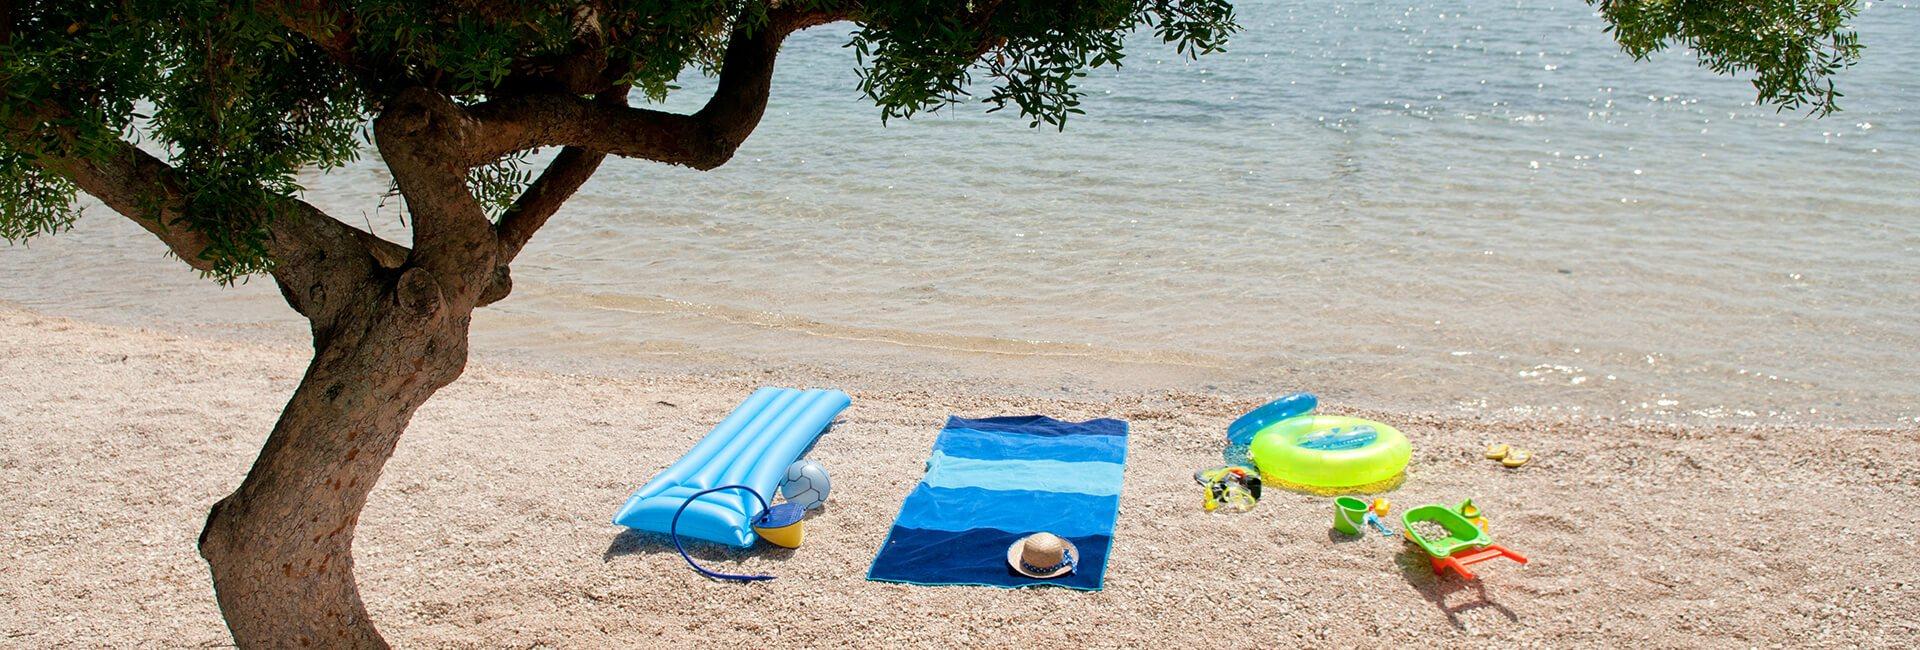 Kamp Veštar plaža | AdriaCamps